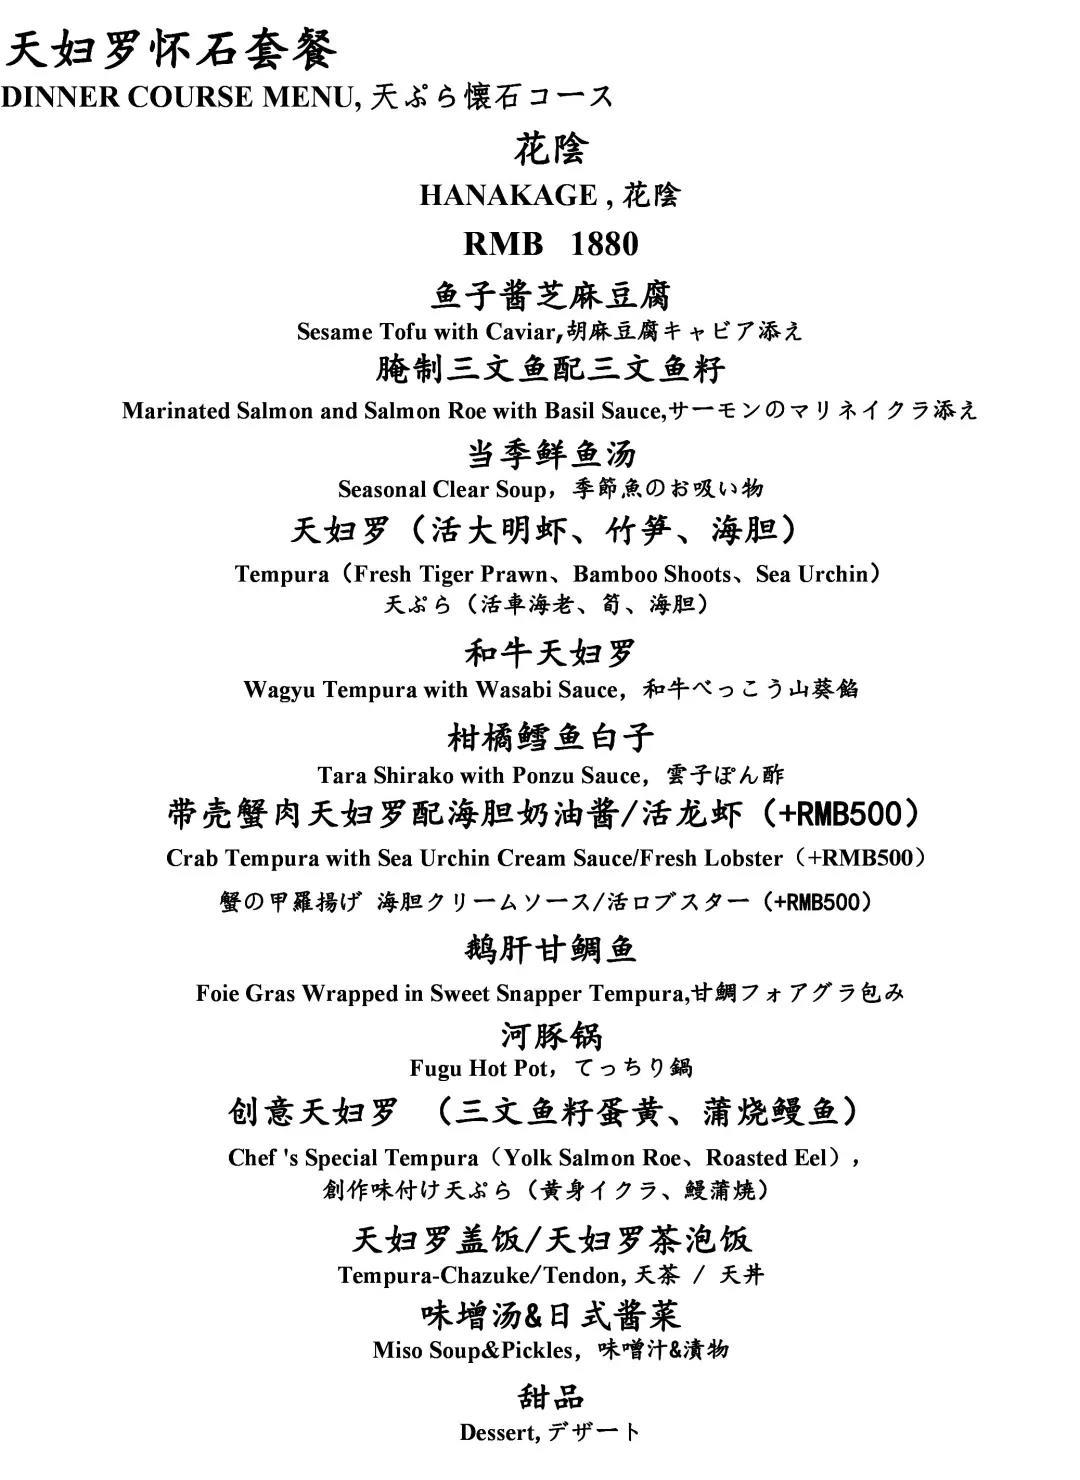 天ぷら [上海店] ディナーメニュー9